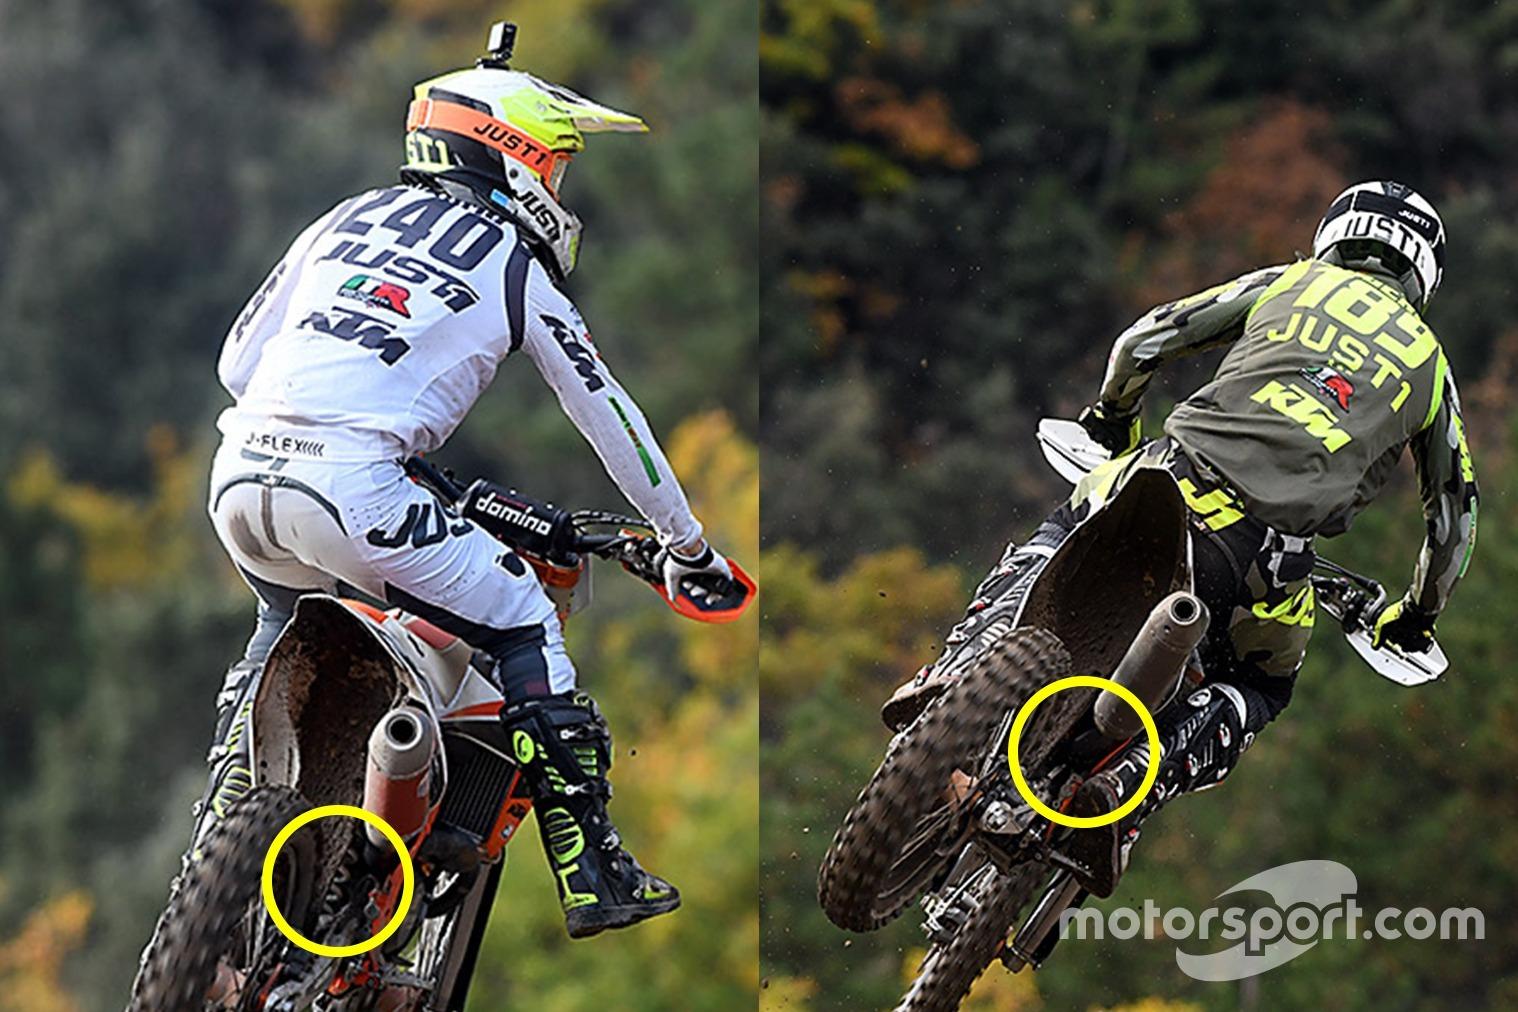 A la izquierda, el muelle de la suspensión es claramente visible en el compañero de equipo de Bogers y piloto de MX2 Kevin Horgmo, mientras que a la derecha, desde la misma perspectiva, no se ve ningún muelle. Eso indica el uso de la suspensión neumática.